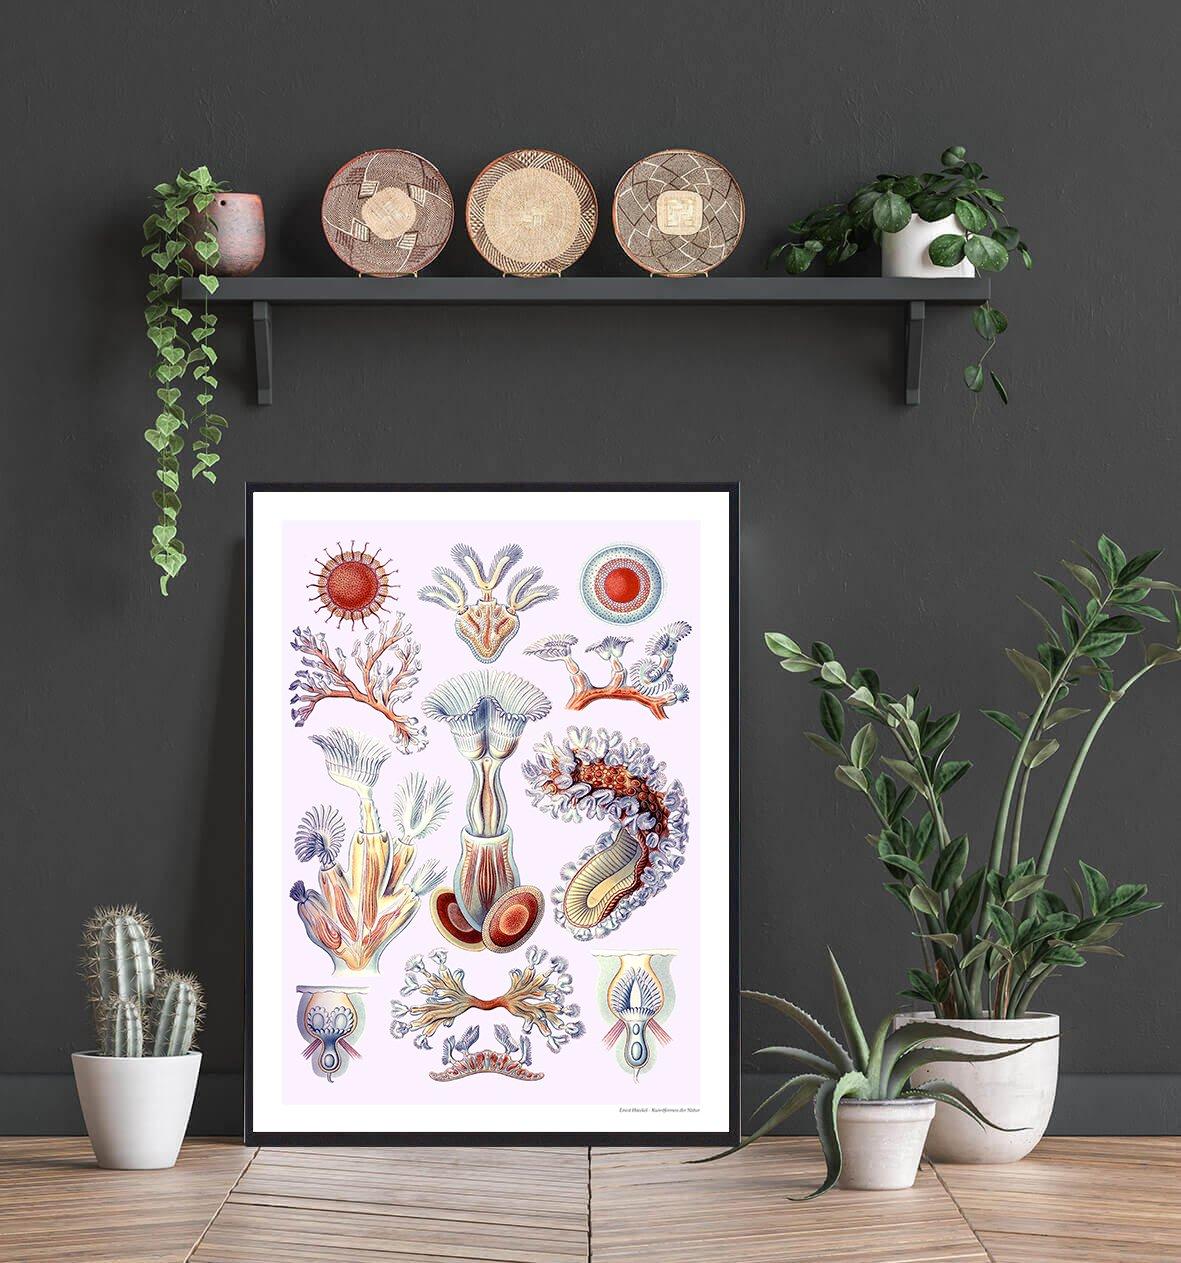 bryozoa-mosdyr-plakat-2